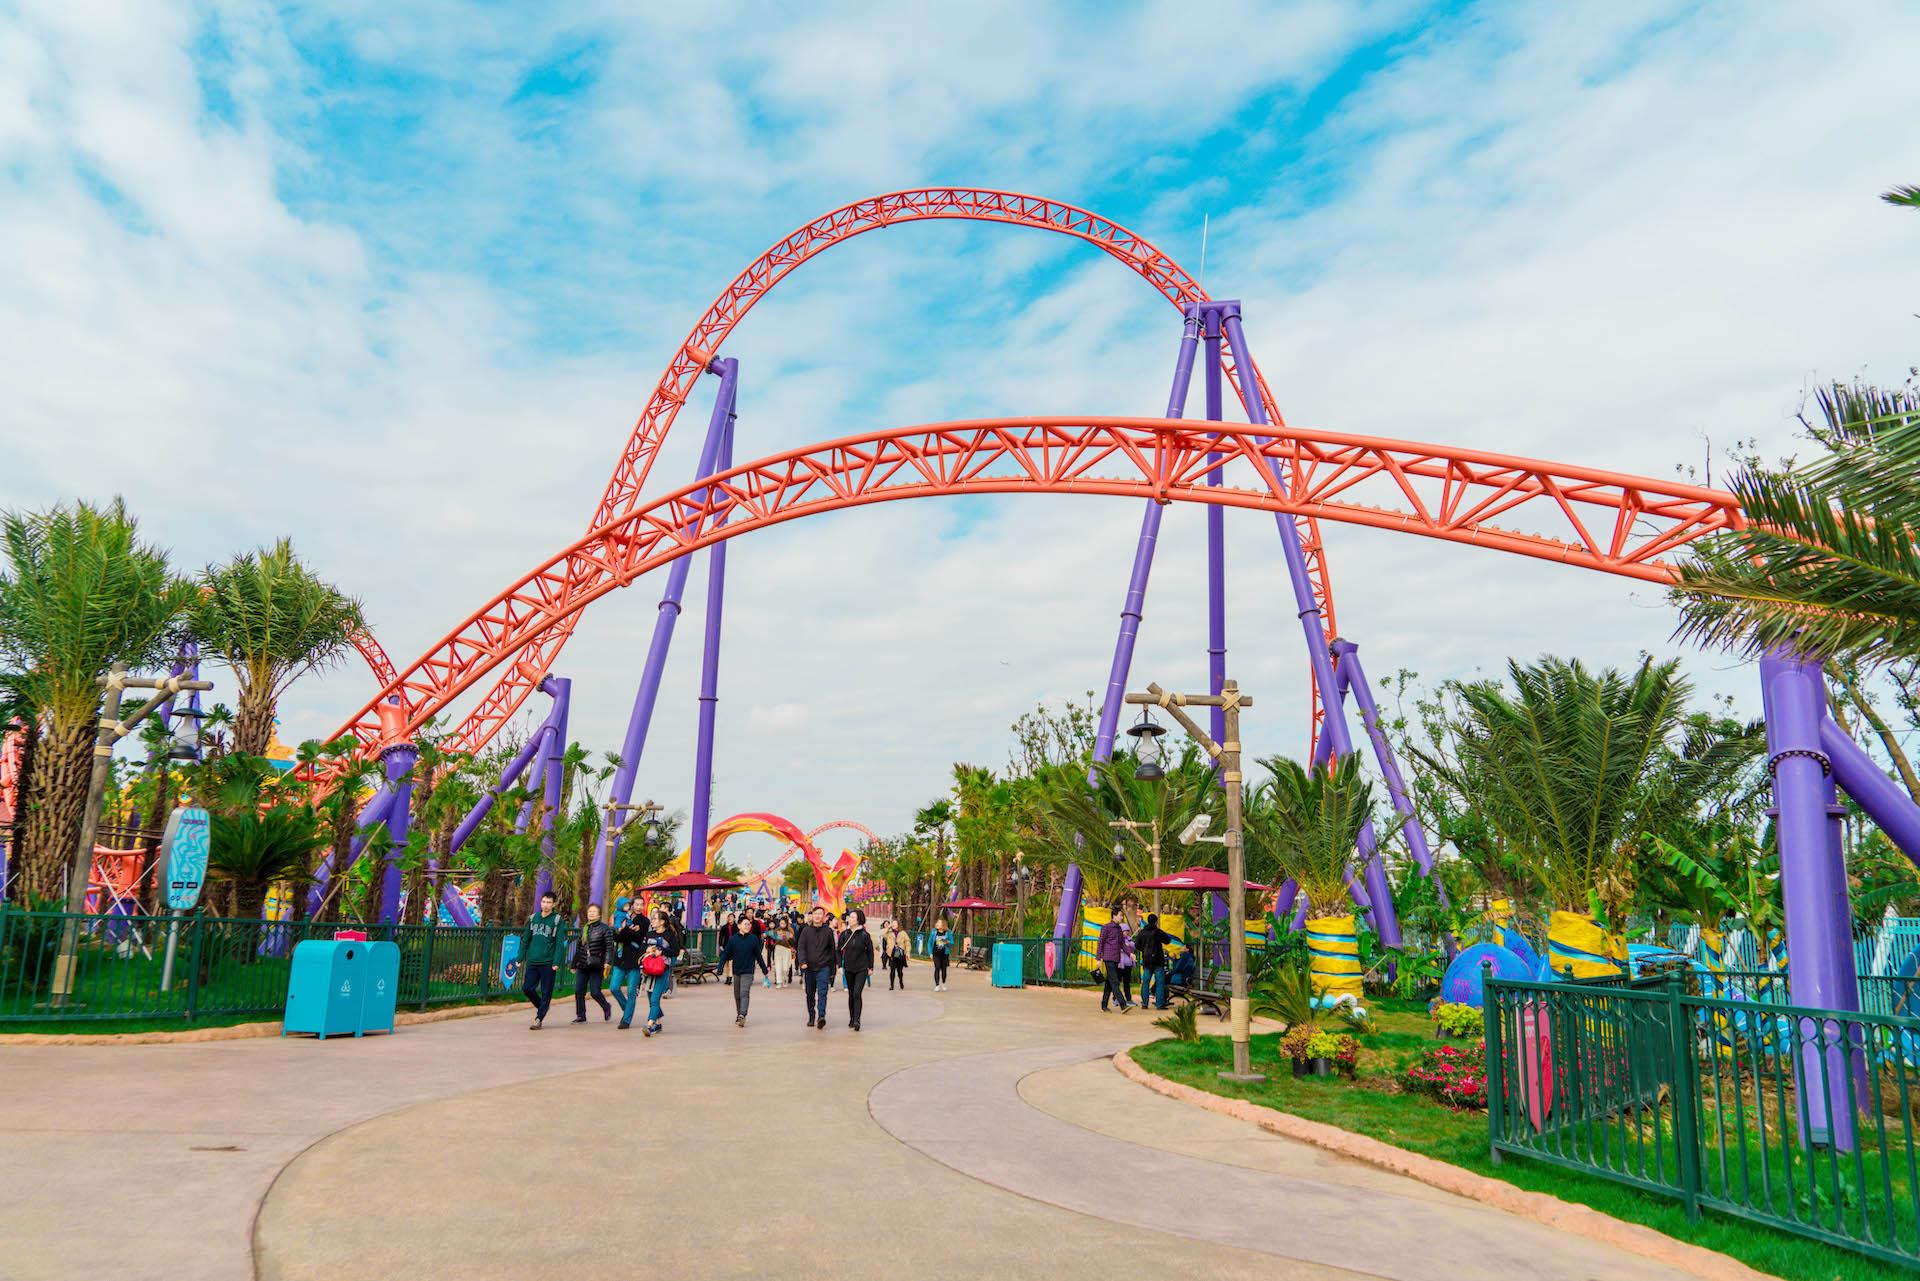 上海海昌海洋公园_2020上海海昌海洋公园游玩攻略,这里还有超带感的海豚过山车 ...